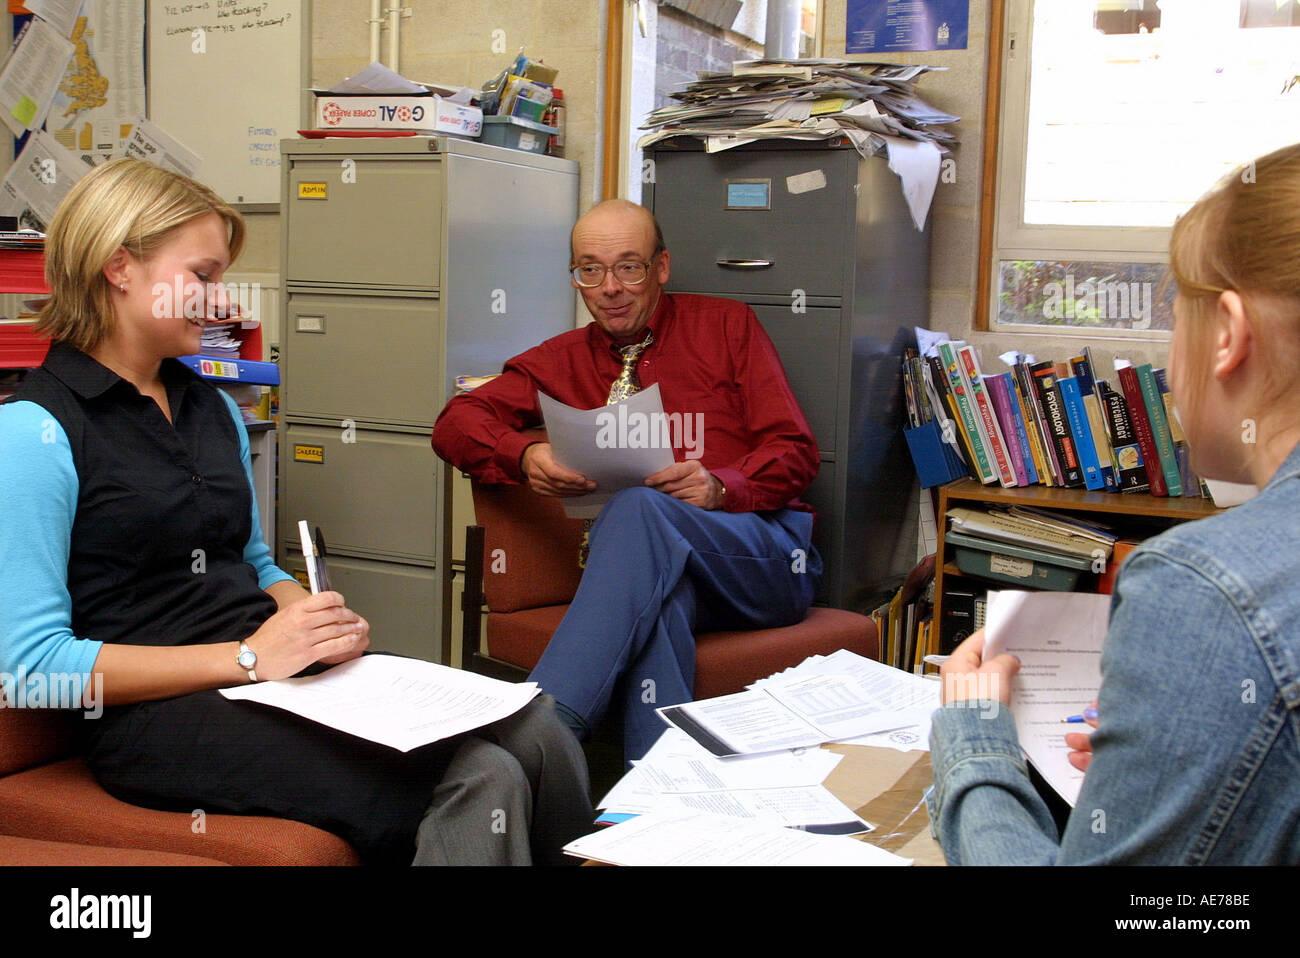 secondary school children in interview scenario stock photo secondary school children in interview scenario